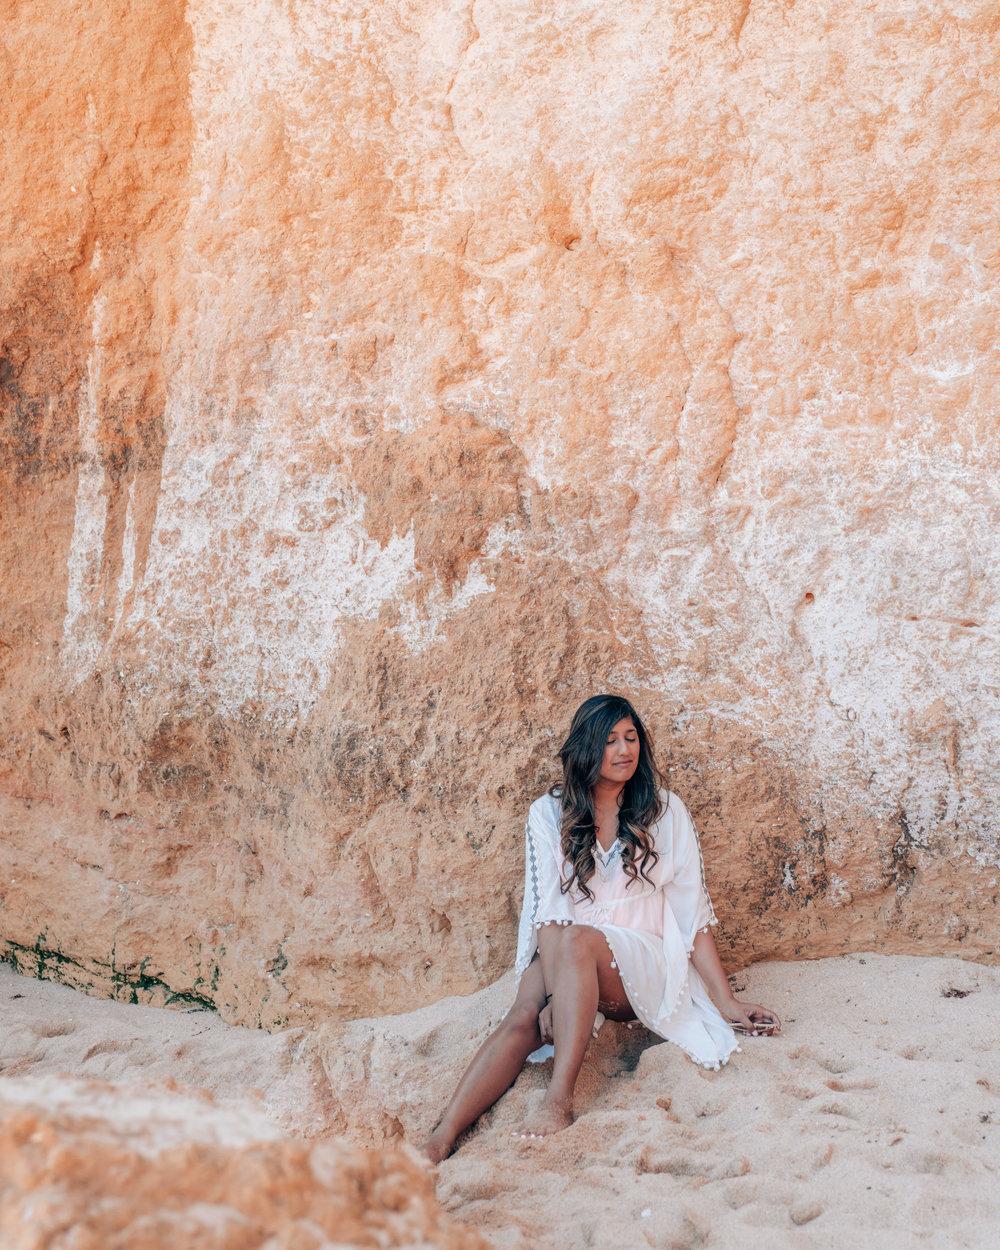 Praia da Marinha, Lagos, Algarve, Portugal